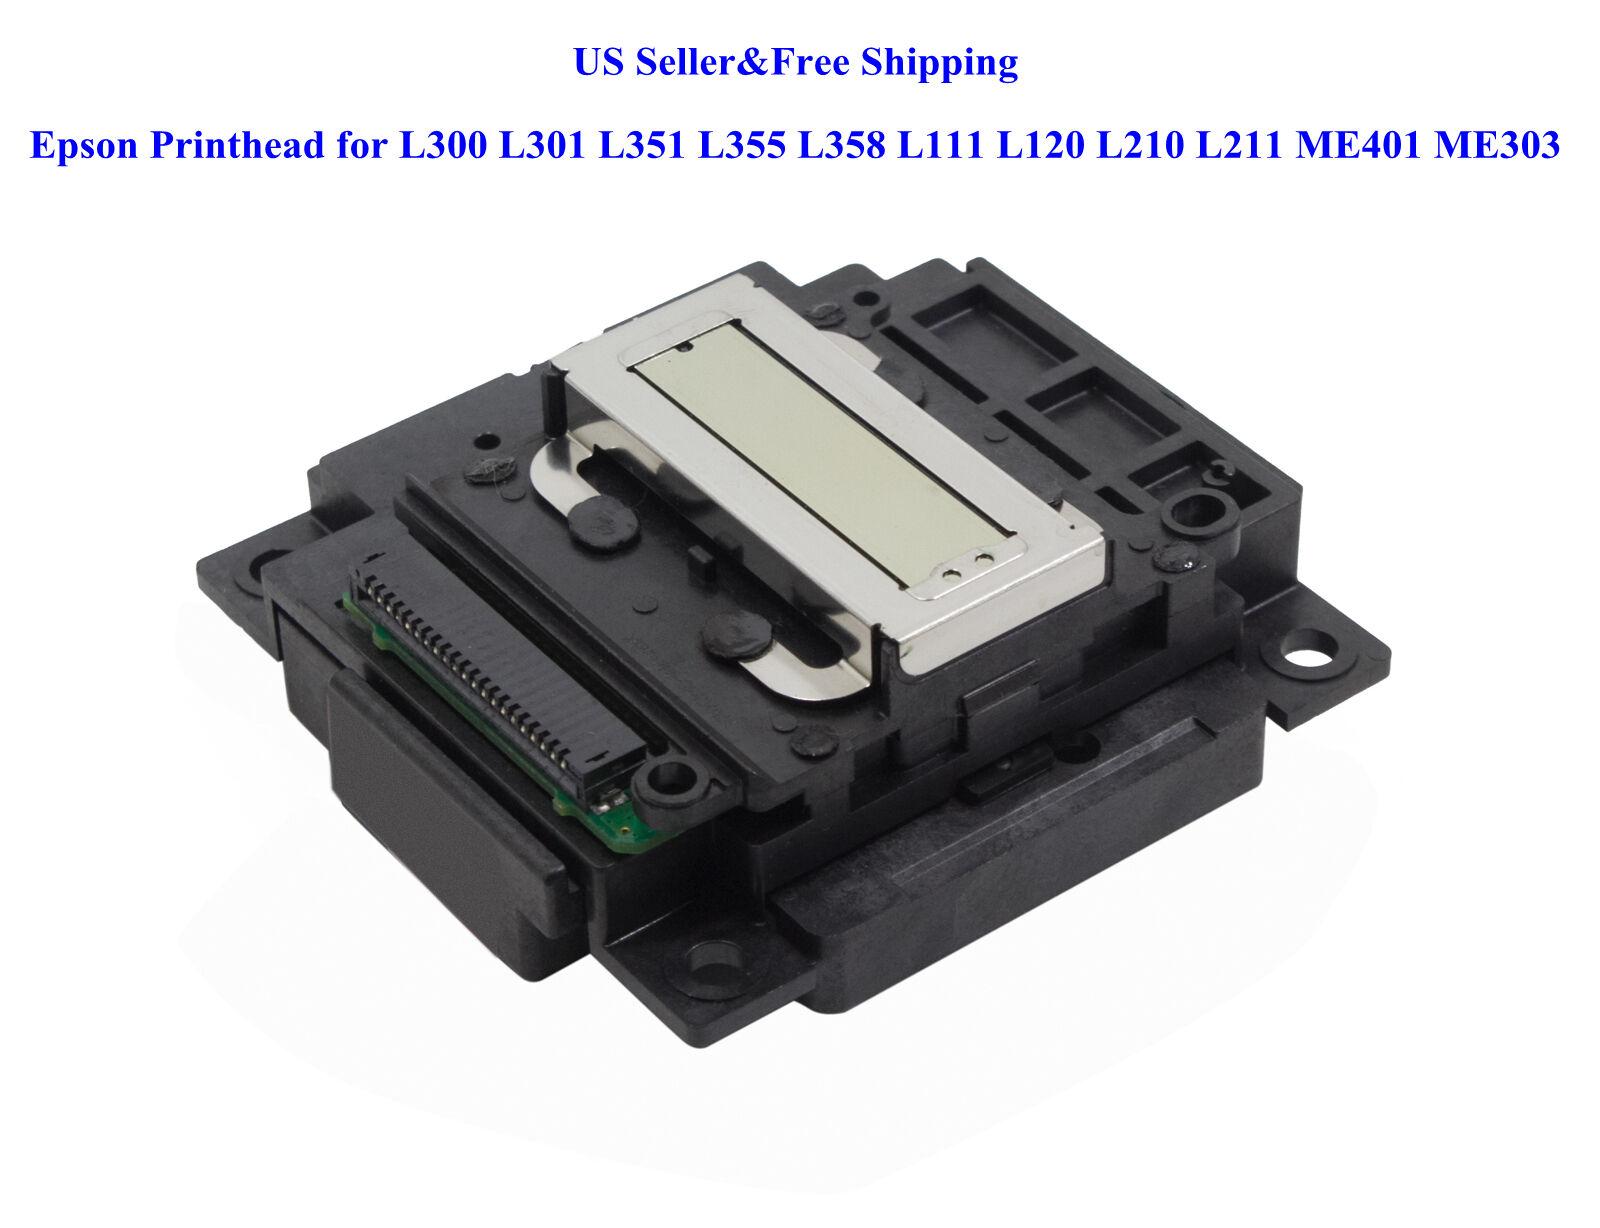 Epson Printhead For L300 L301 L351 L355 L358 L111 L120 L2...